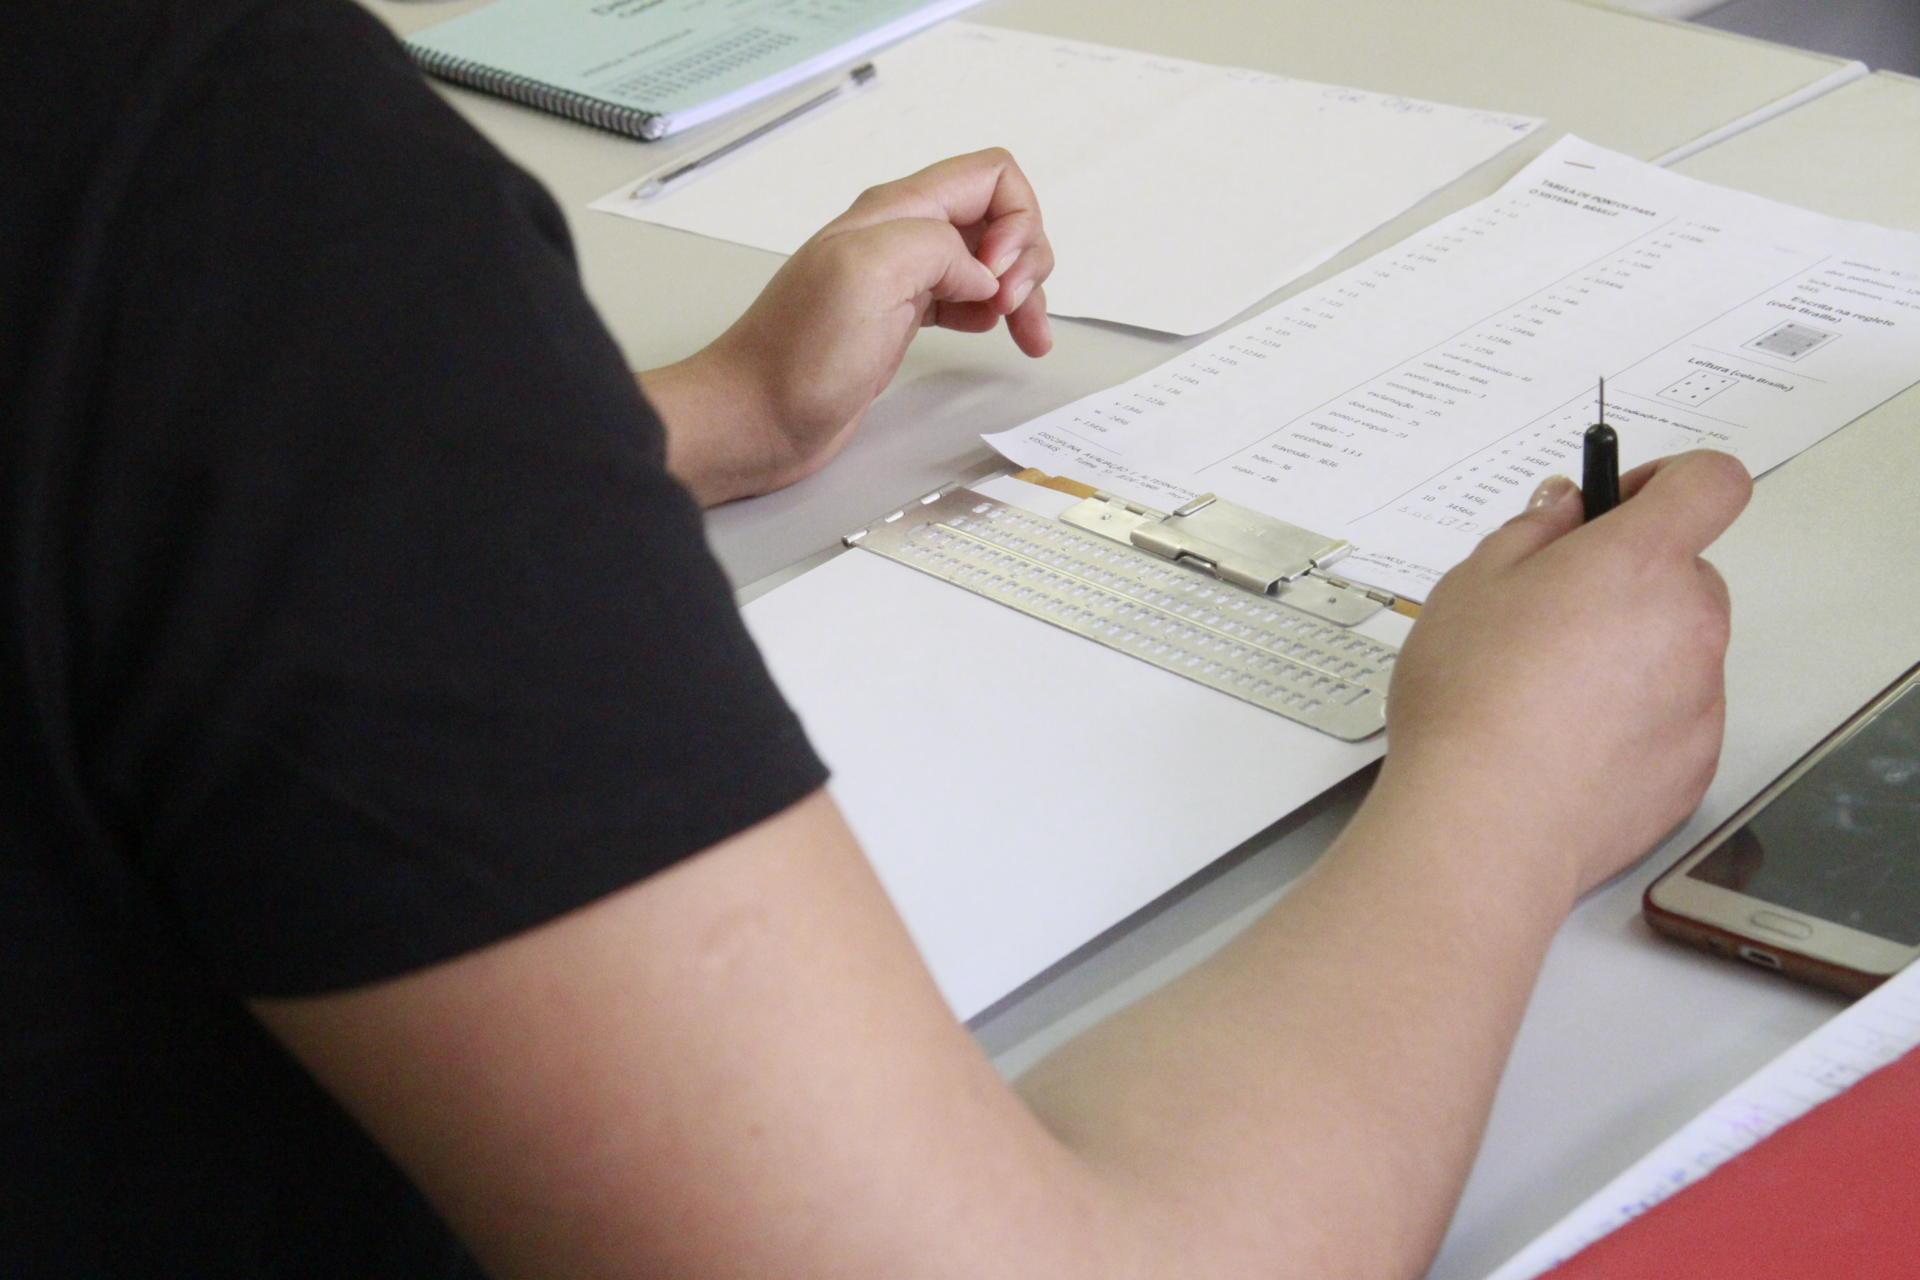 Foto colorida detalha participante em atividade prática de escrita em Braille